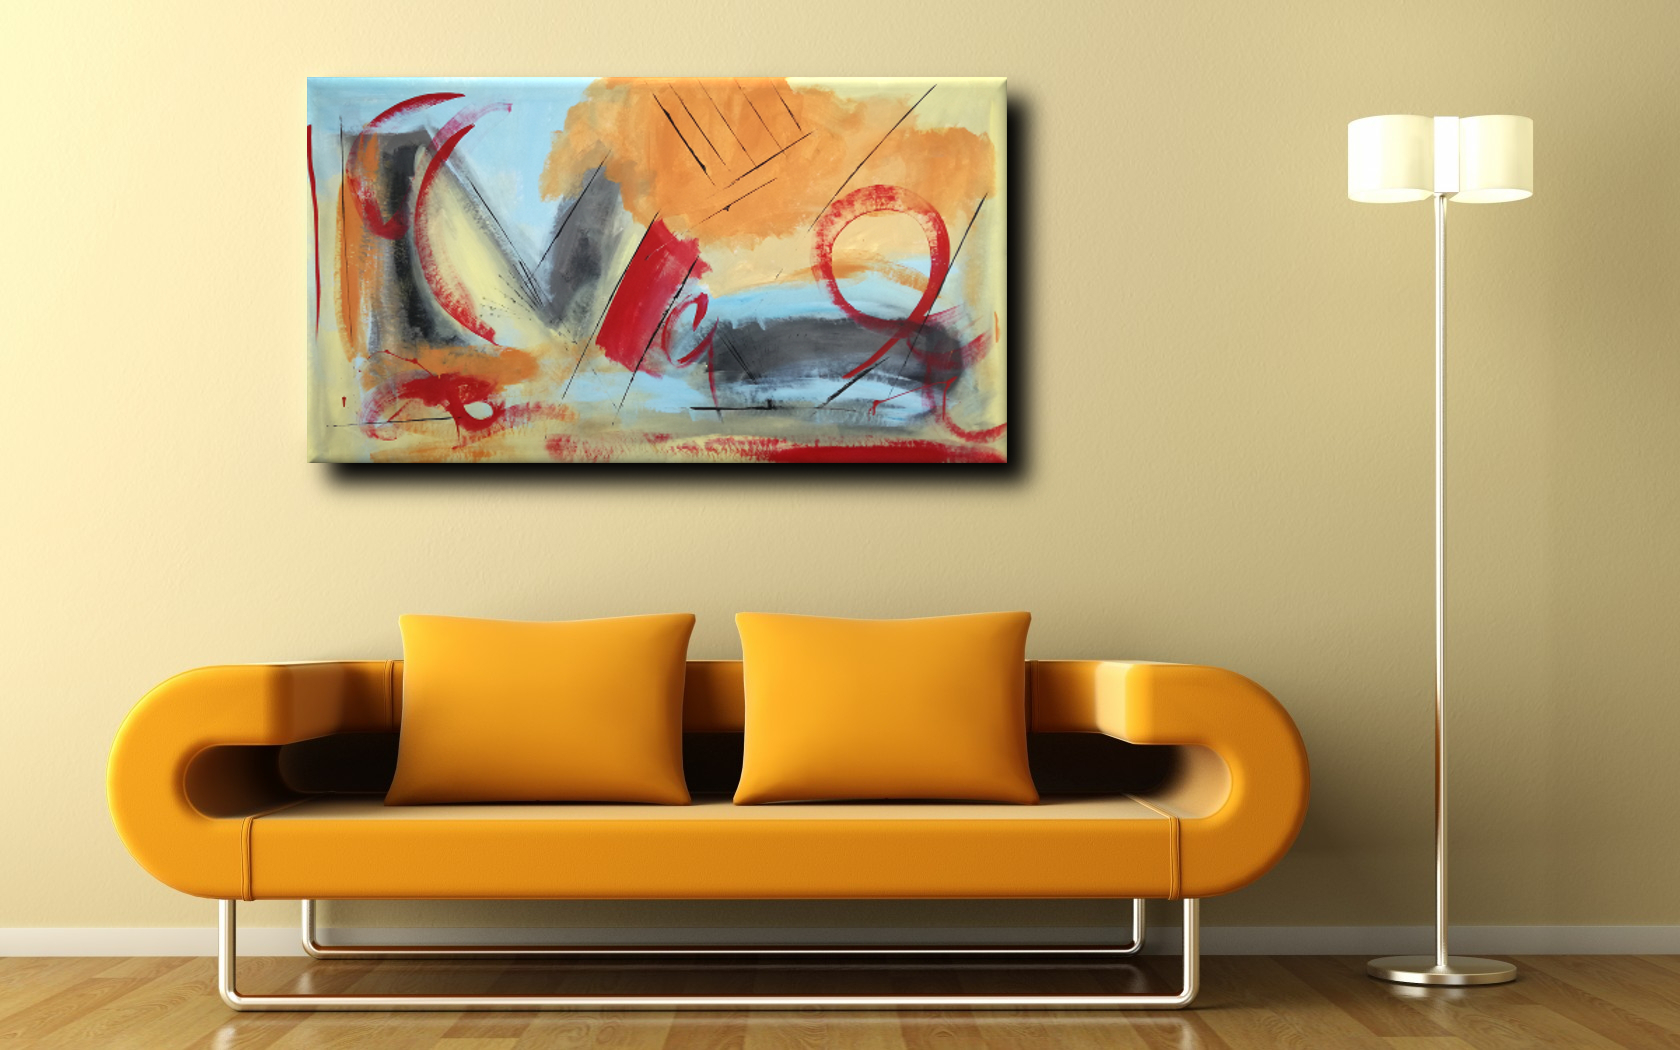 Stunning quadri soggiorno images idee arredamento casa for Idee quadri soggiorno